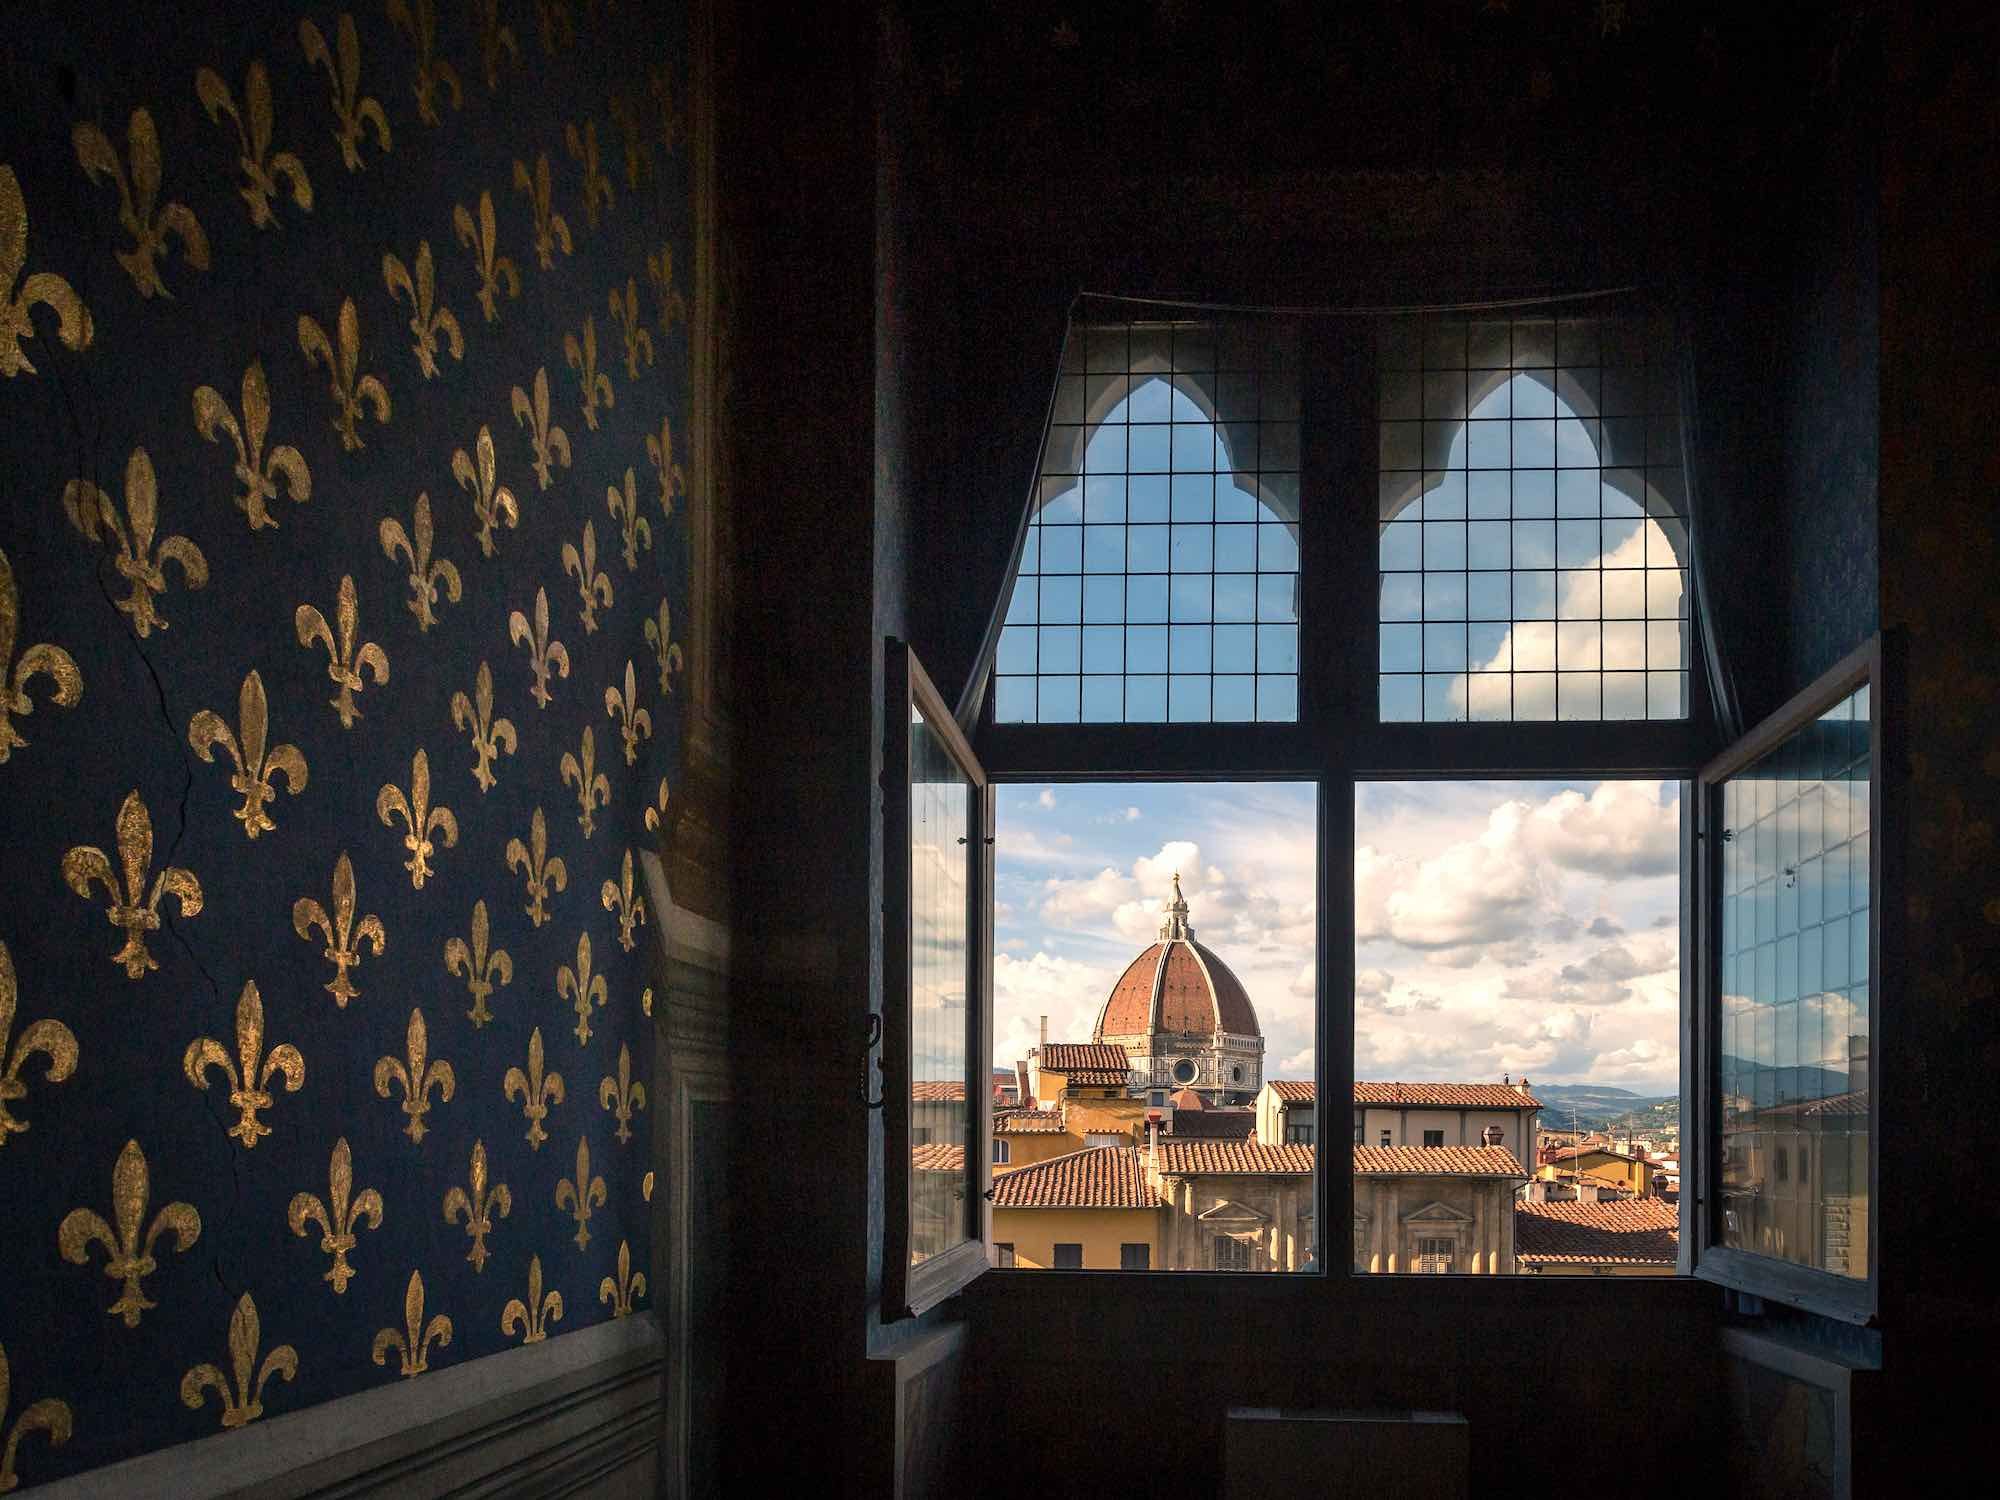 La stanza dei gigli in Palazzo Vecchio con la vista della Cupola del Brunelleschi dalla finestra